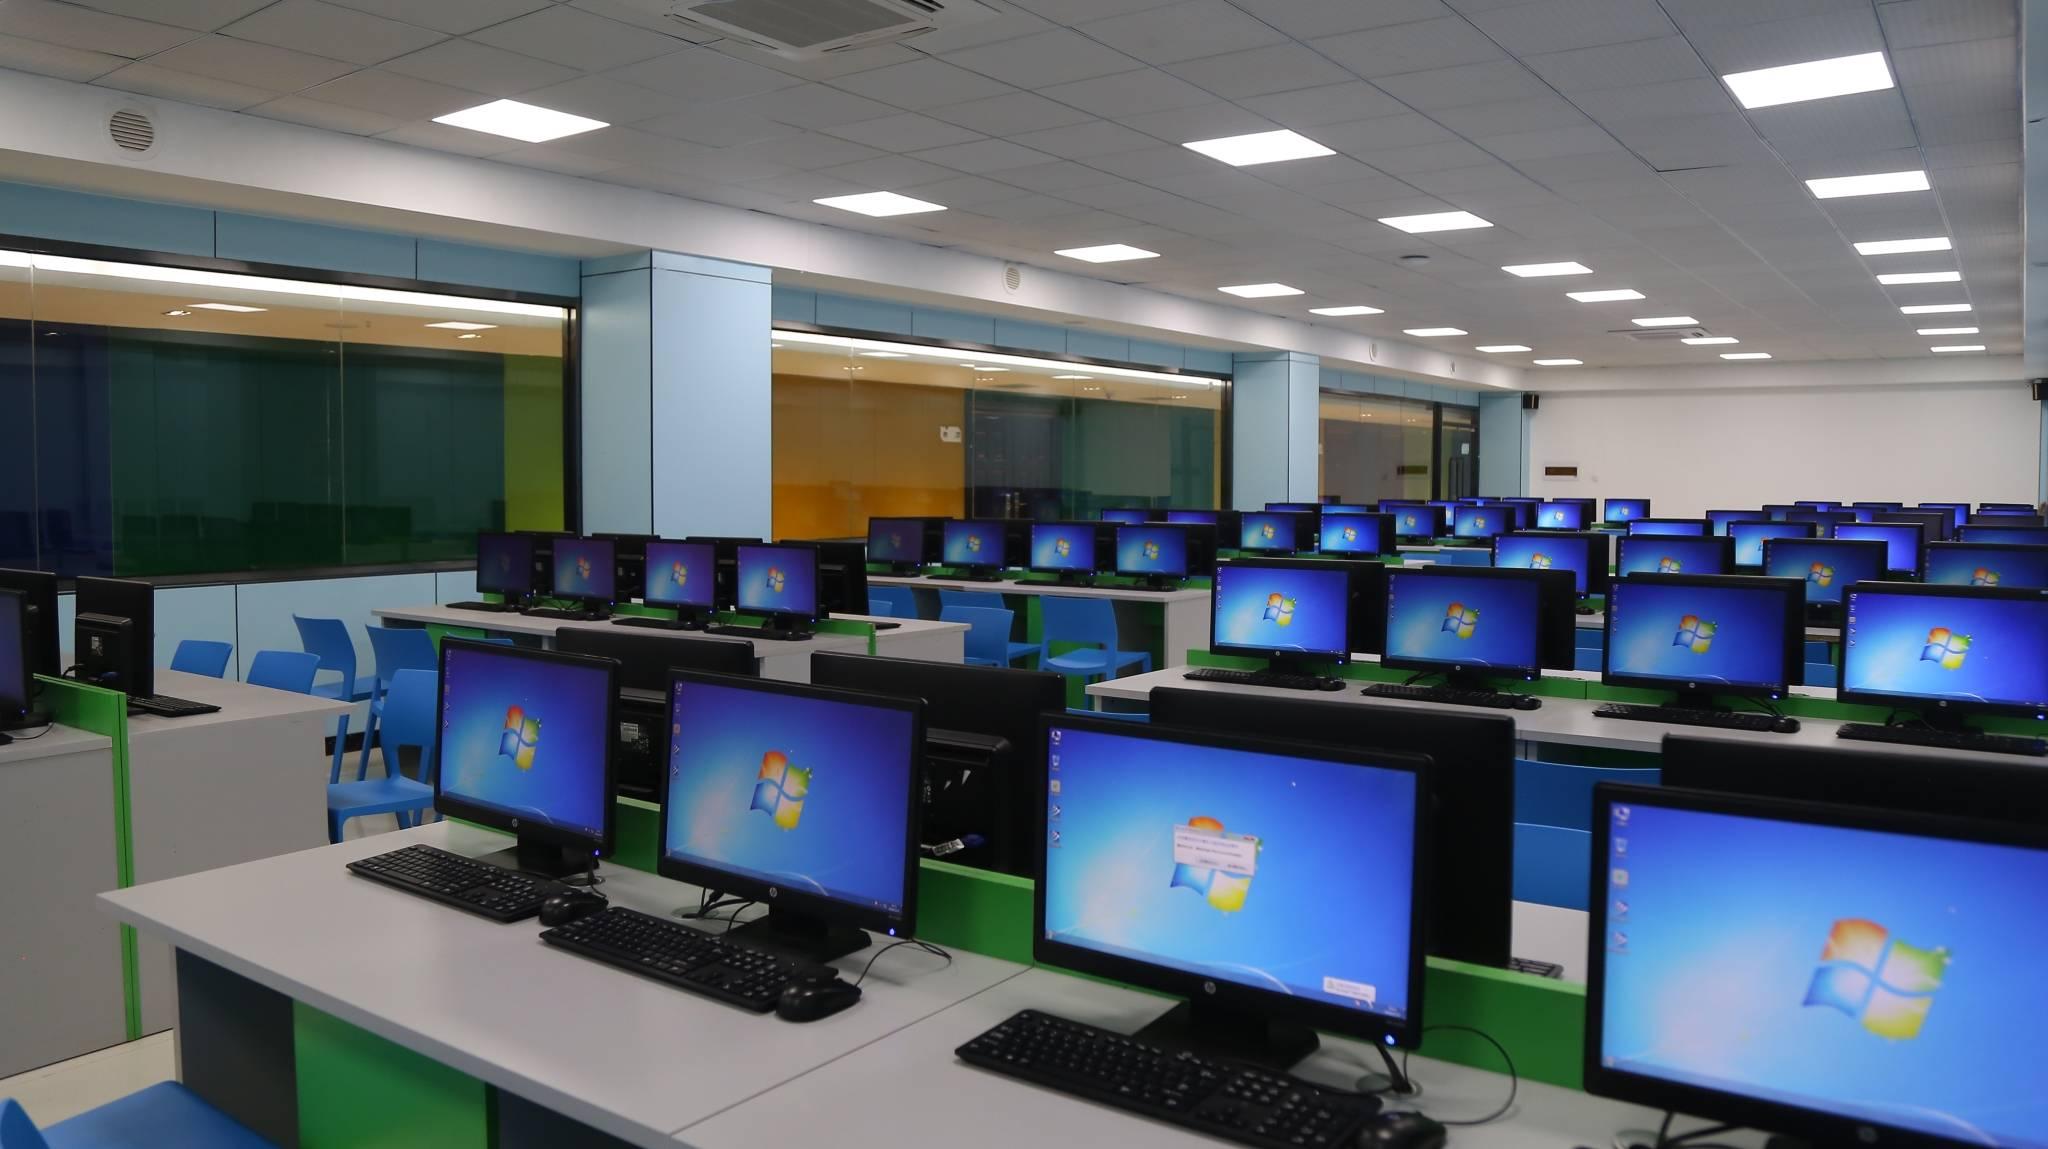 大品牌、大投入、大规模教学,山西最大的电脑教育机房一览